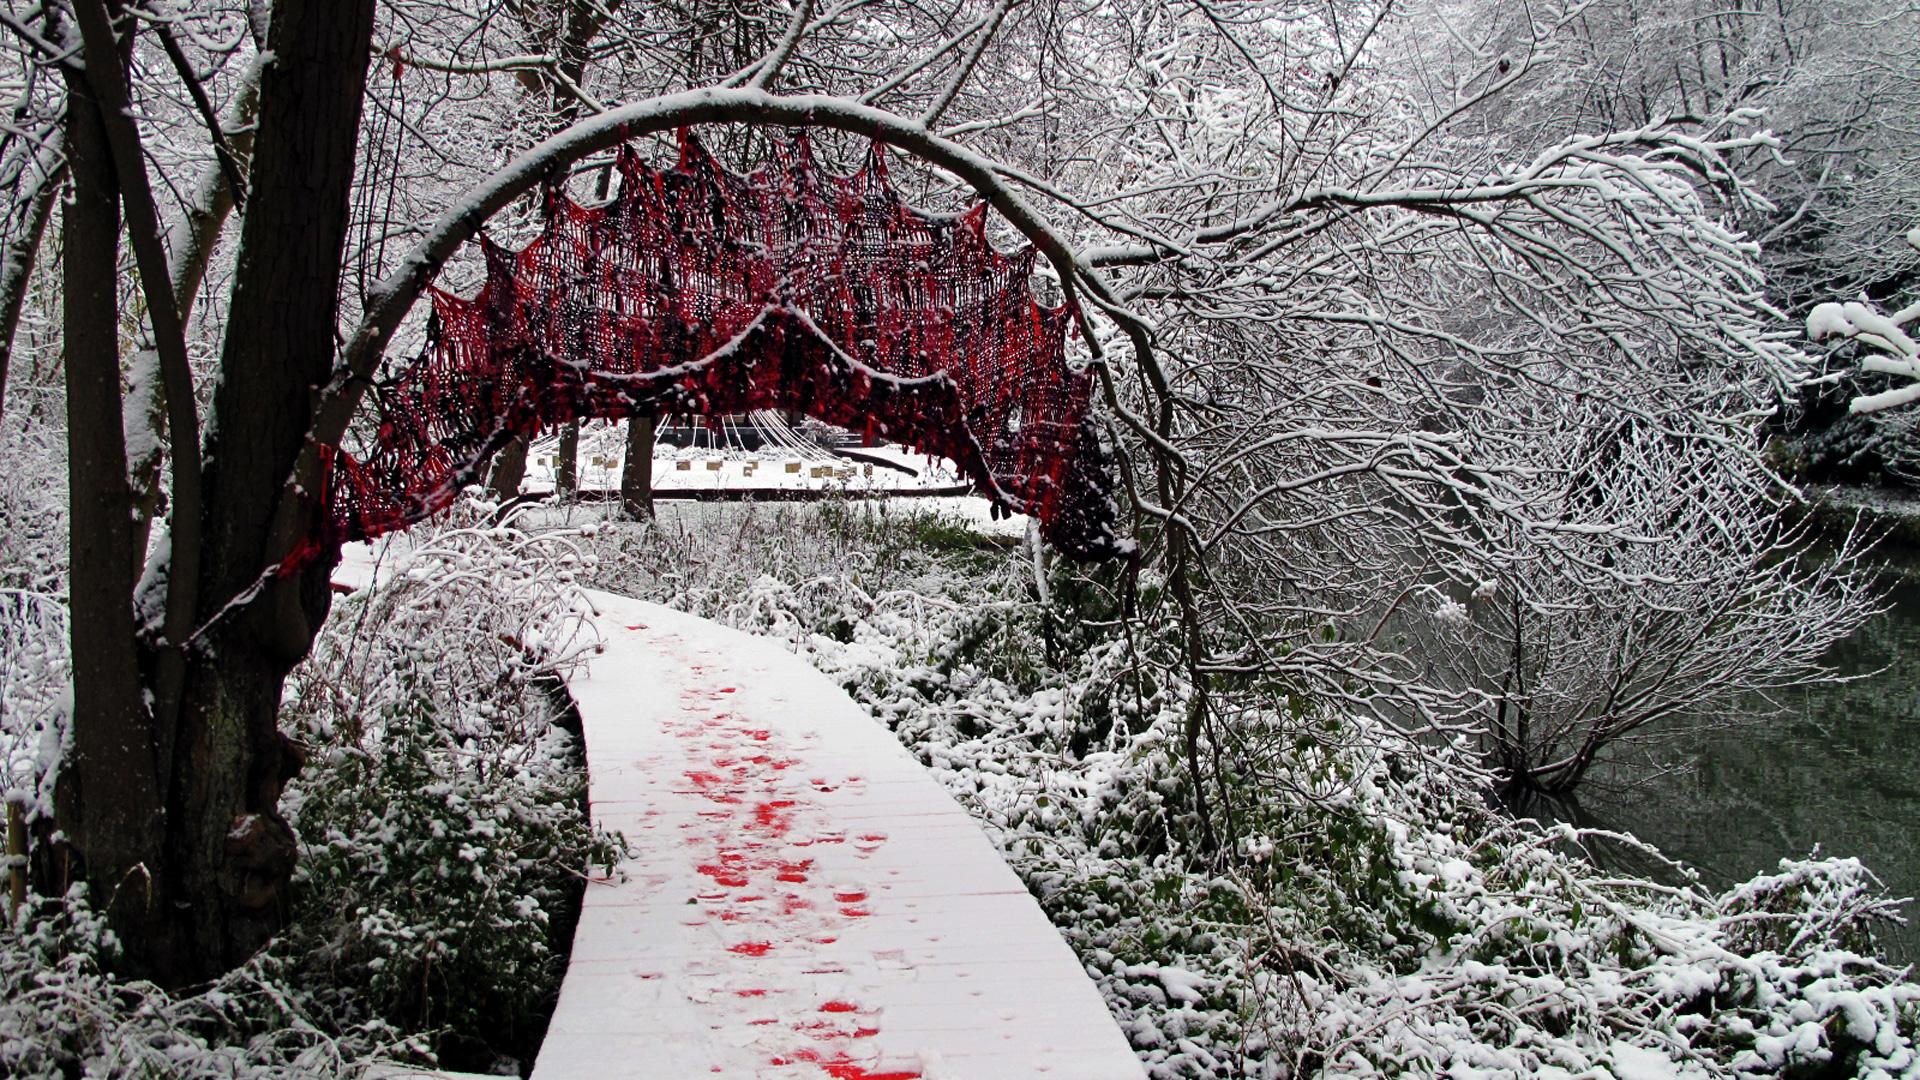 Le moulin jaune le jardin en hiver for Jardin anglais en hiver